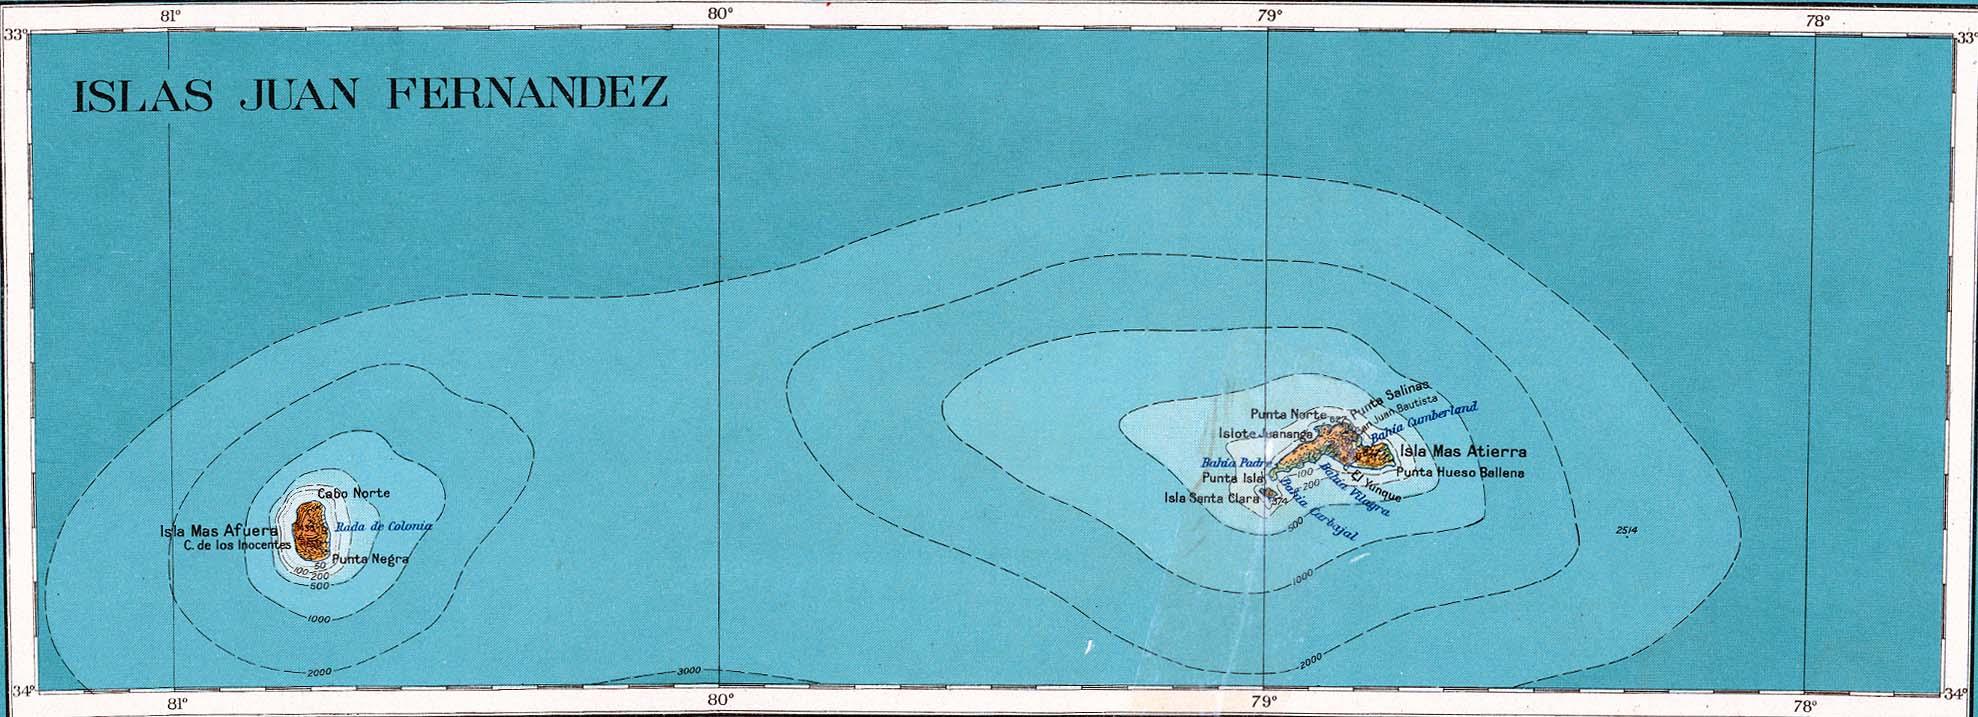 Il mondo delle meraviglie arcipelago di juan fern ndez e for Alexander isola